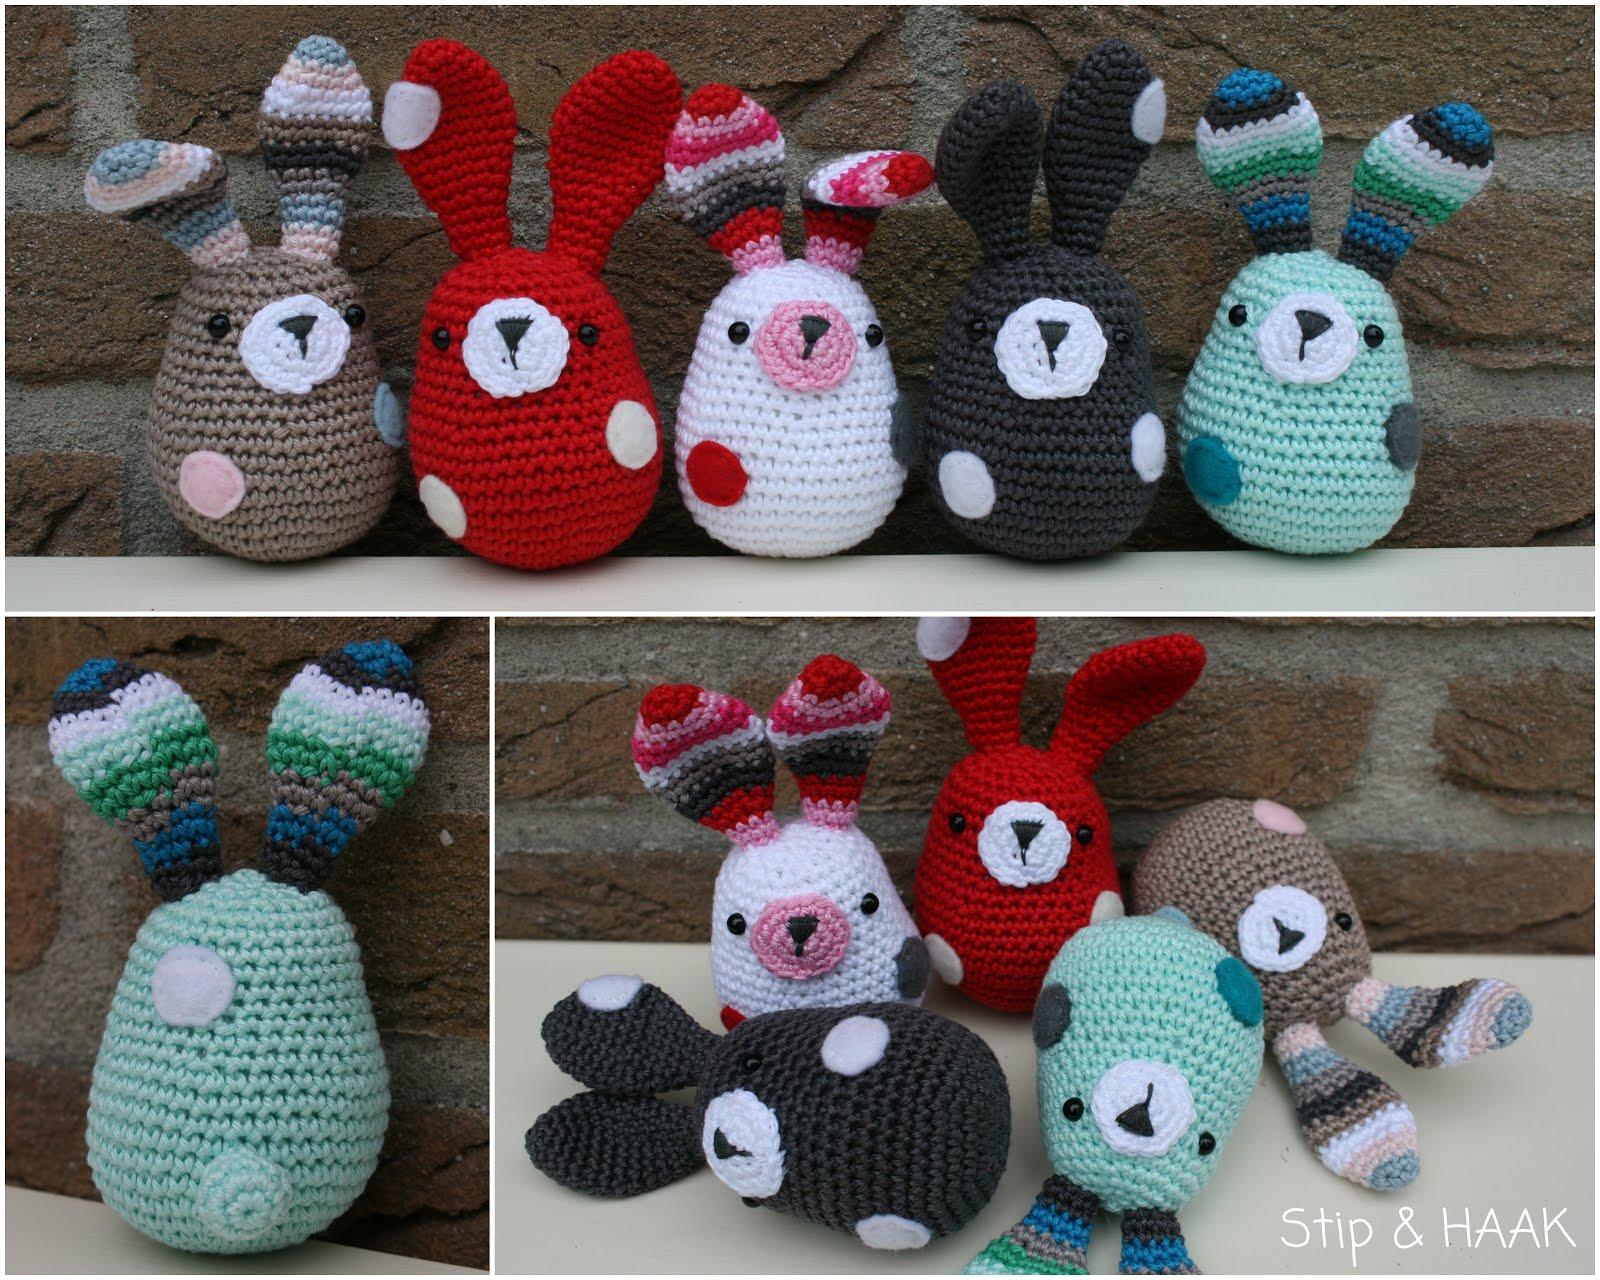 Amigurumi Leren Haken : Christelshobby konijntjes haken voor poekie